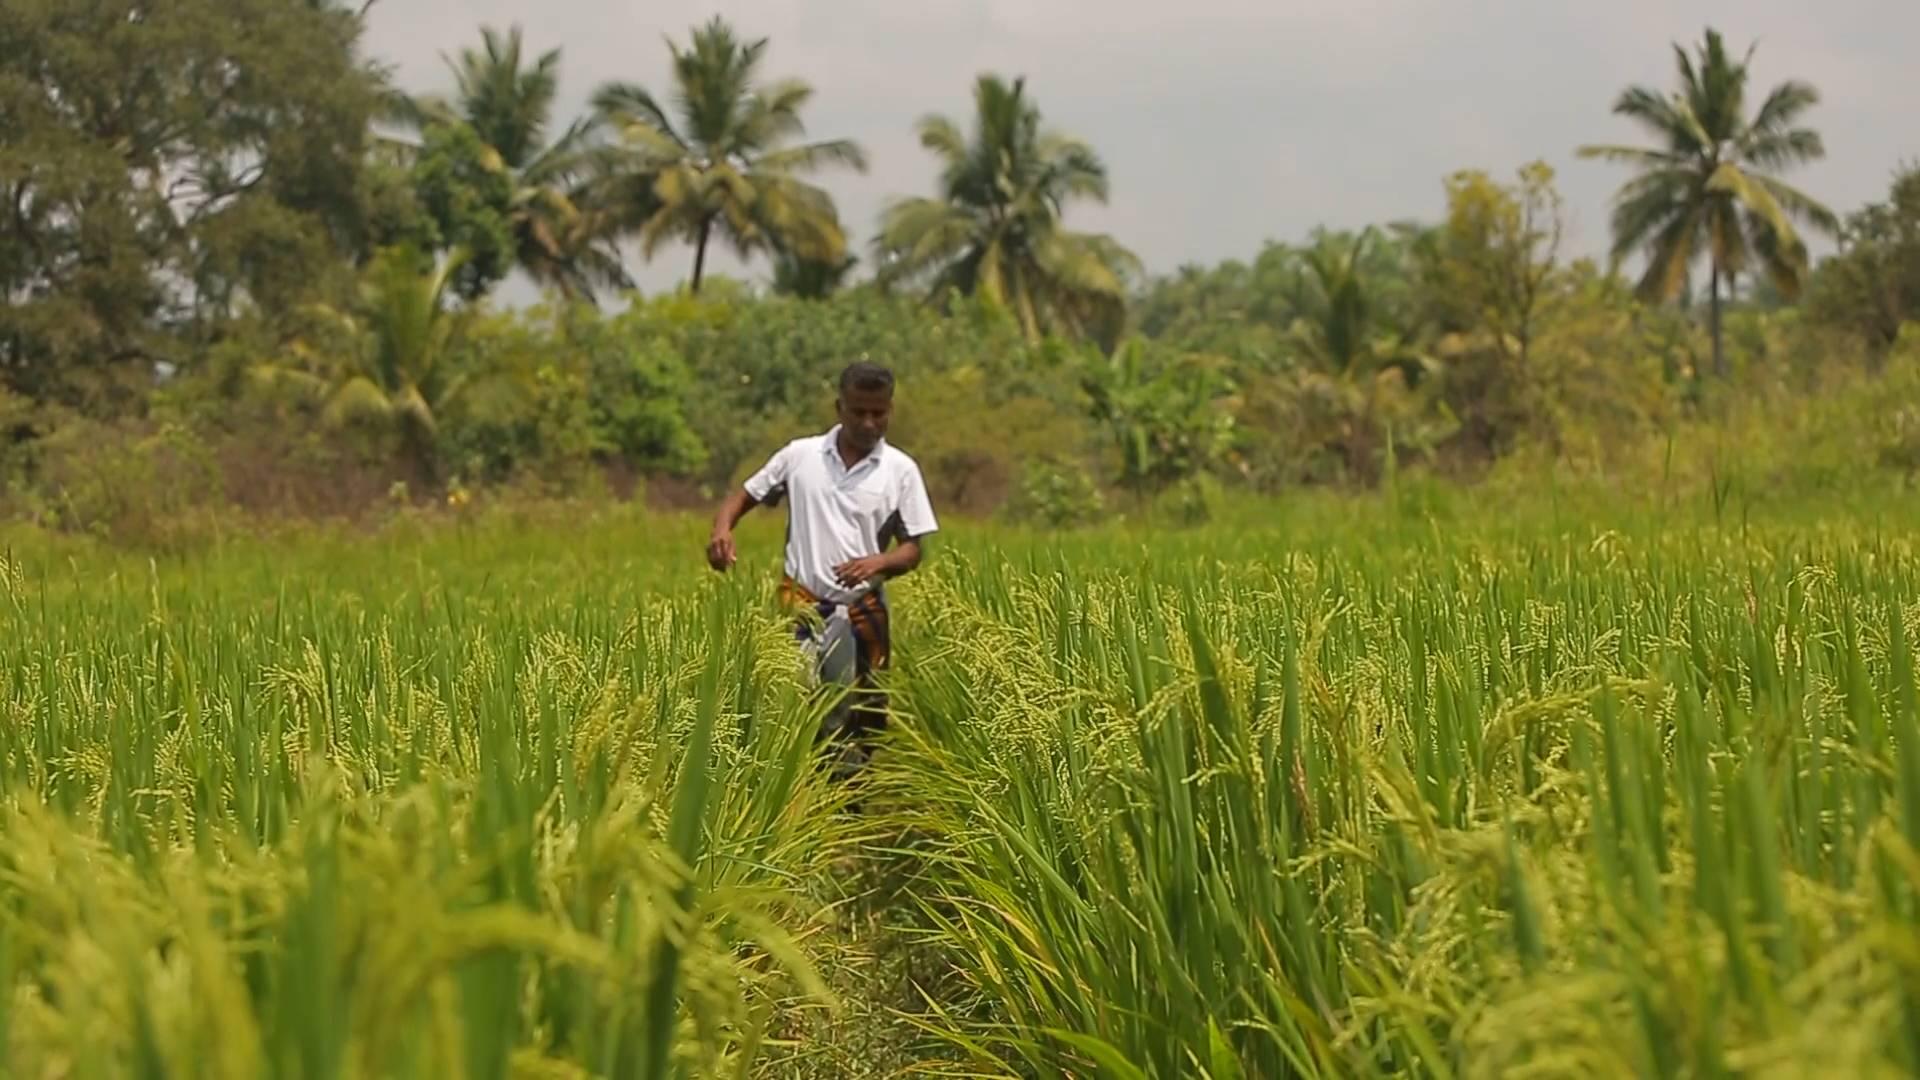 牢记嘱托 担当作为抓落实丨共赢!莱玉化工投资4000万 在斯里兰卡打造水稻果蔬种植中心